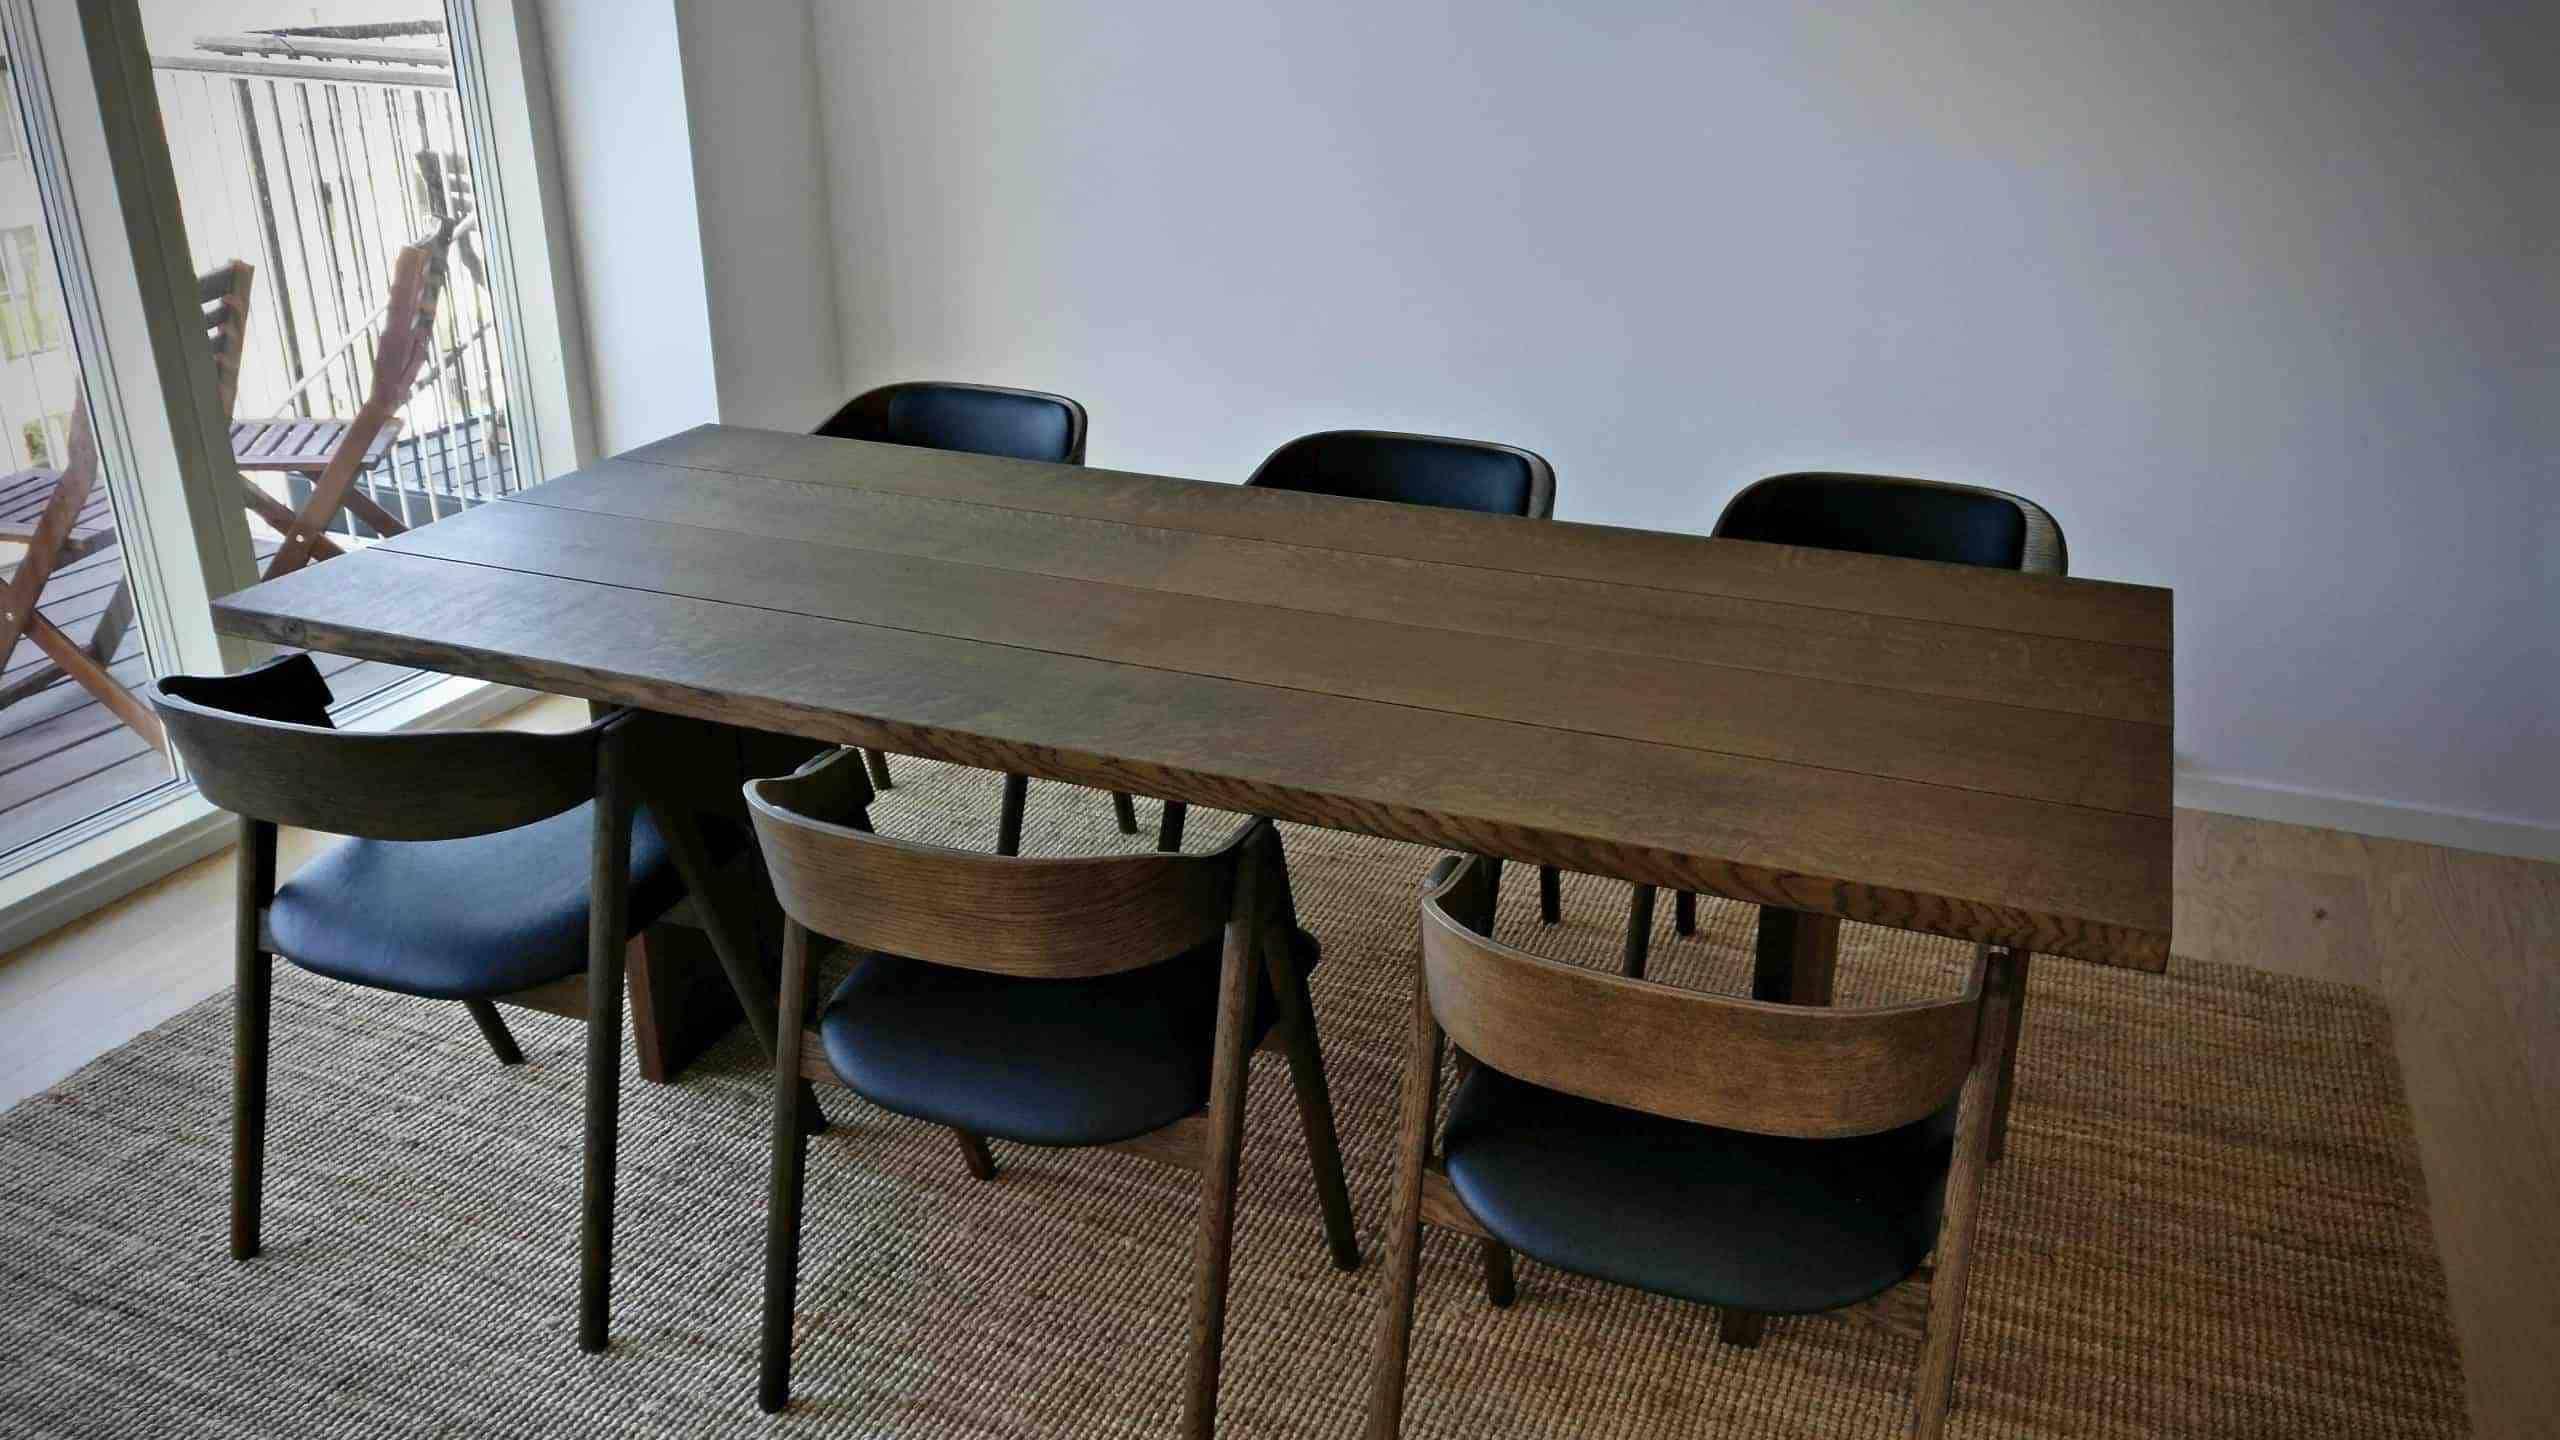 4 planke indoor indendoers mette spisebordsstol 5 scaled